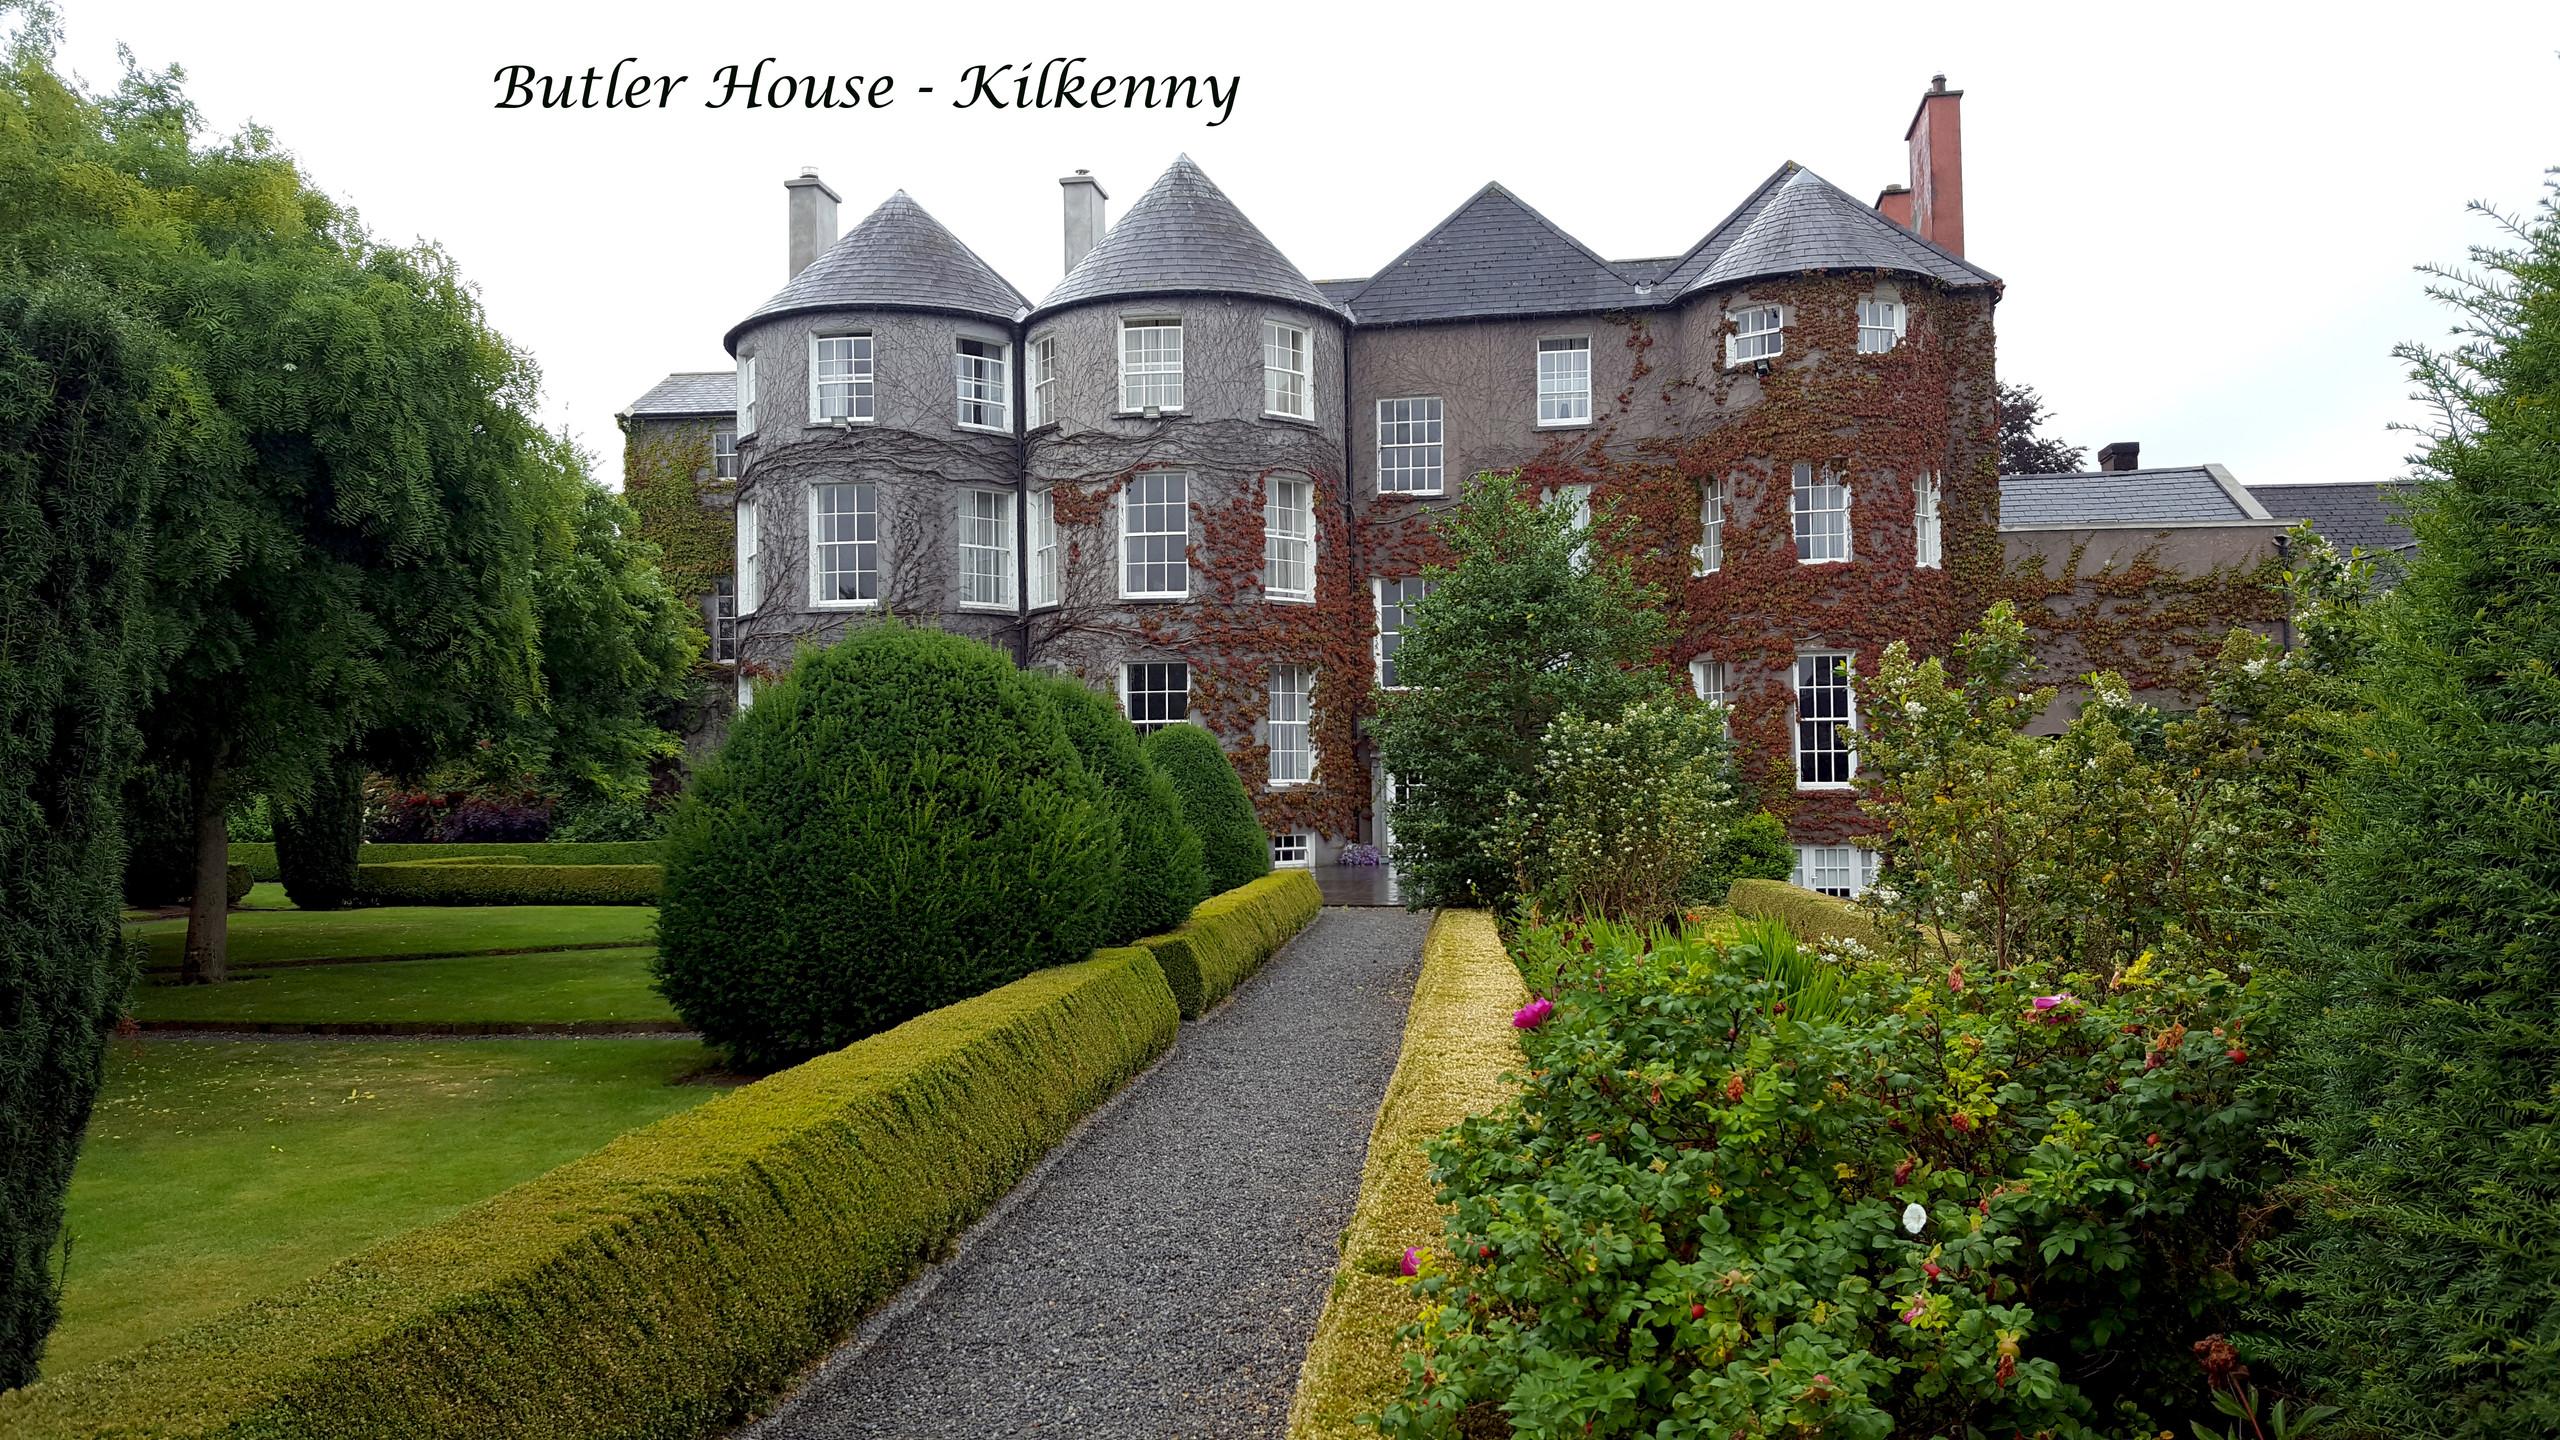 1-Waypoint-Kilkenny-Butler House